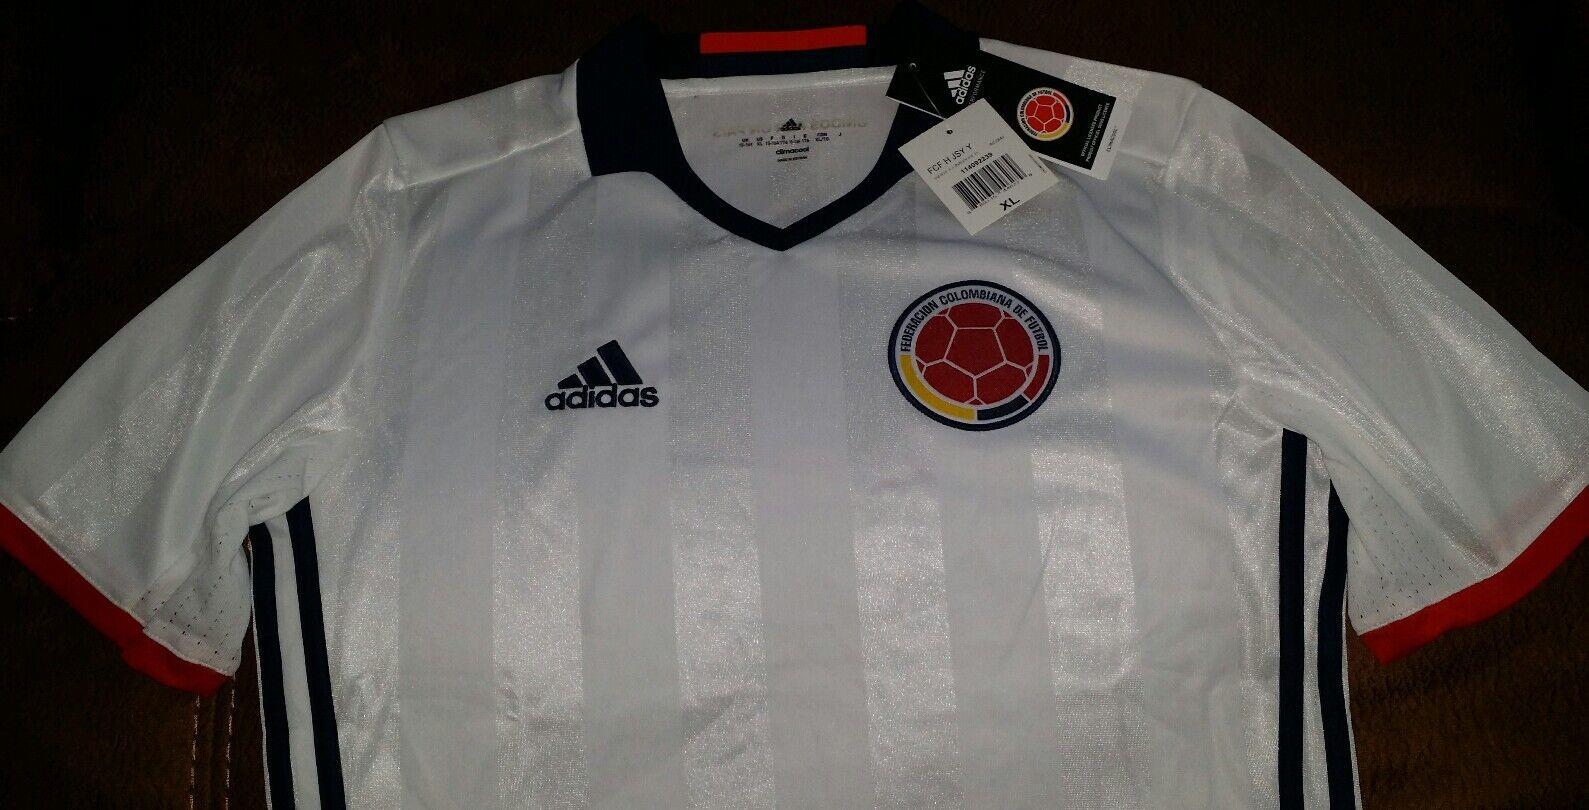 Adidas white colombia calcio calcio il calcio colombia jersey nwt taglia xl della gioventù 901e12